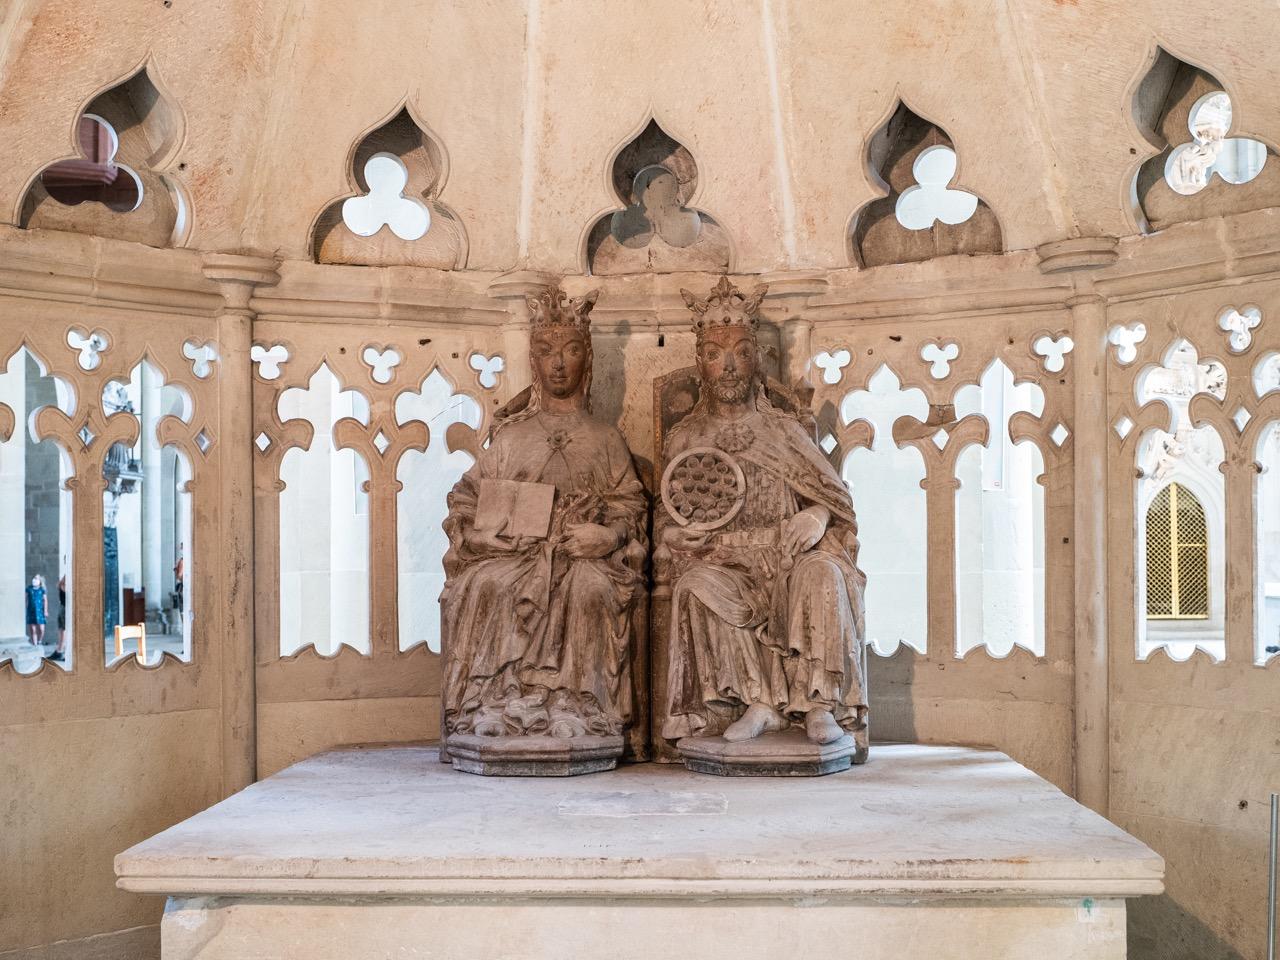 Figuren im Heiligen Grab (Christus und Ecclesia?)